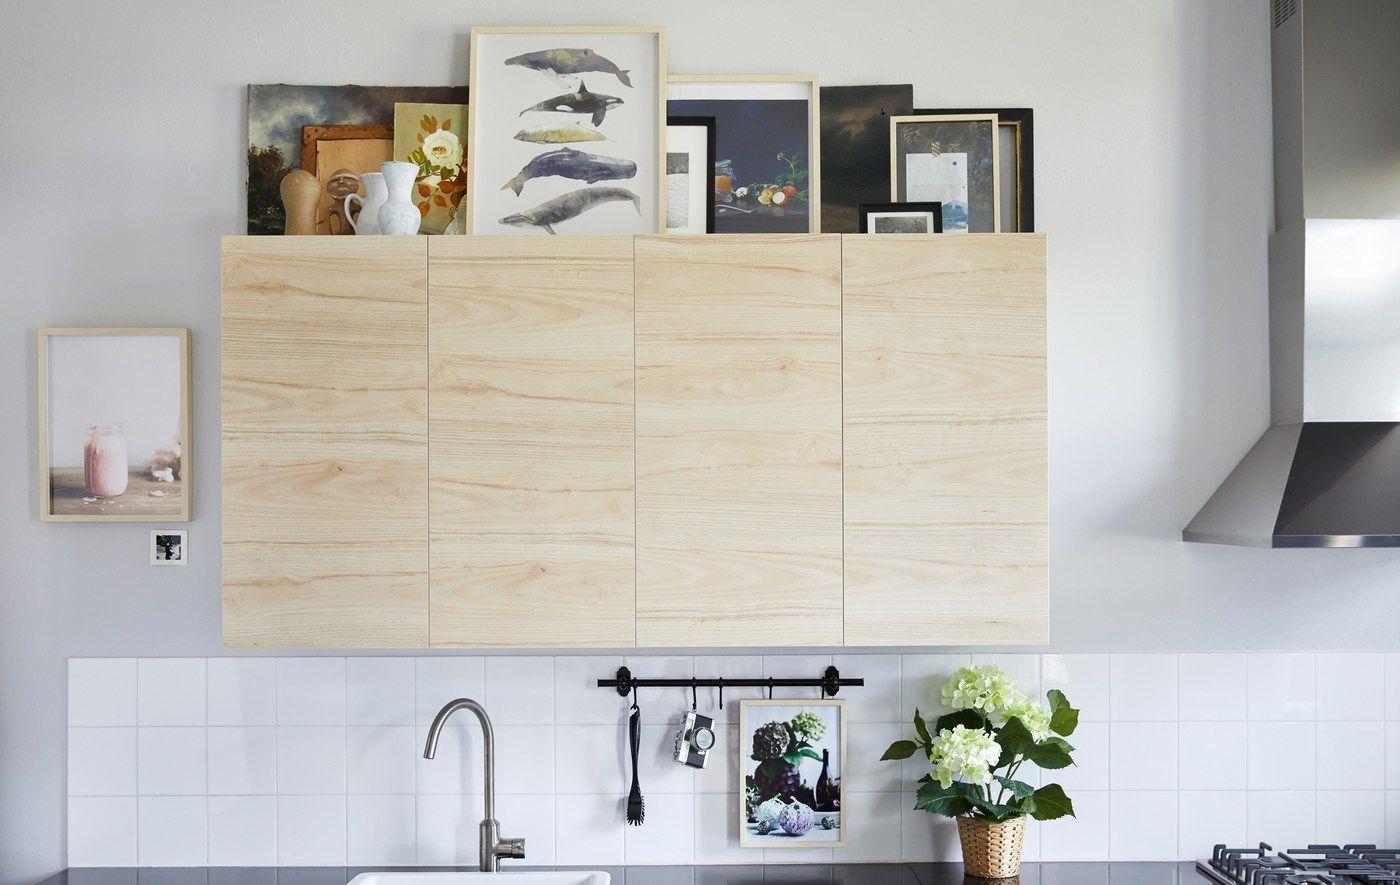 Küchenschränke dekorieren: Stilvolle Ideen | Küchenschränke ...